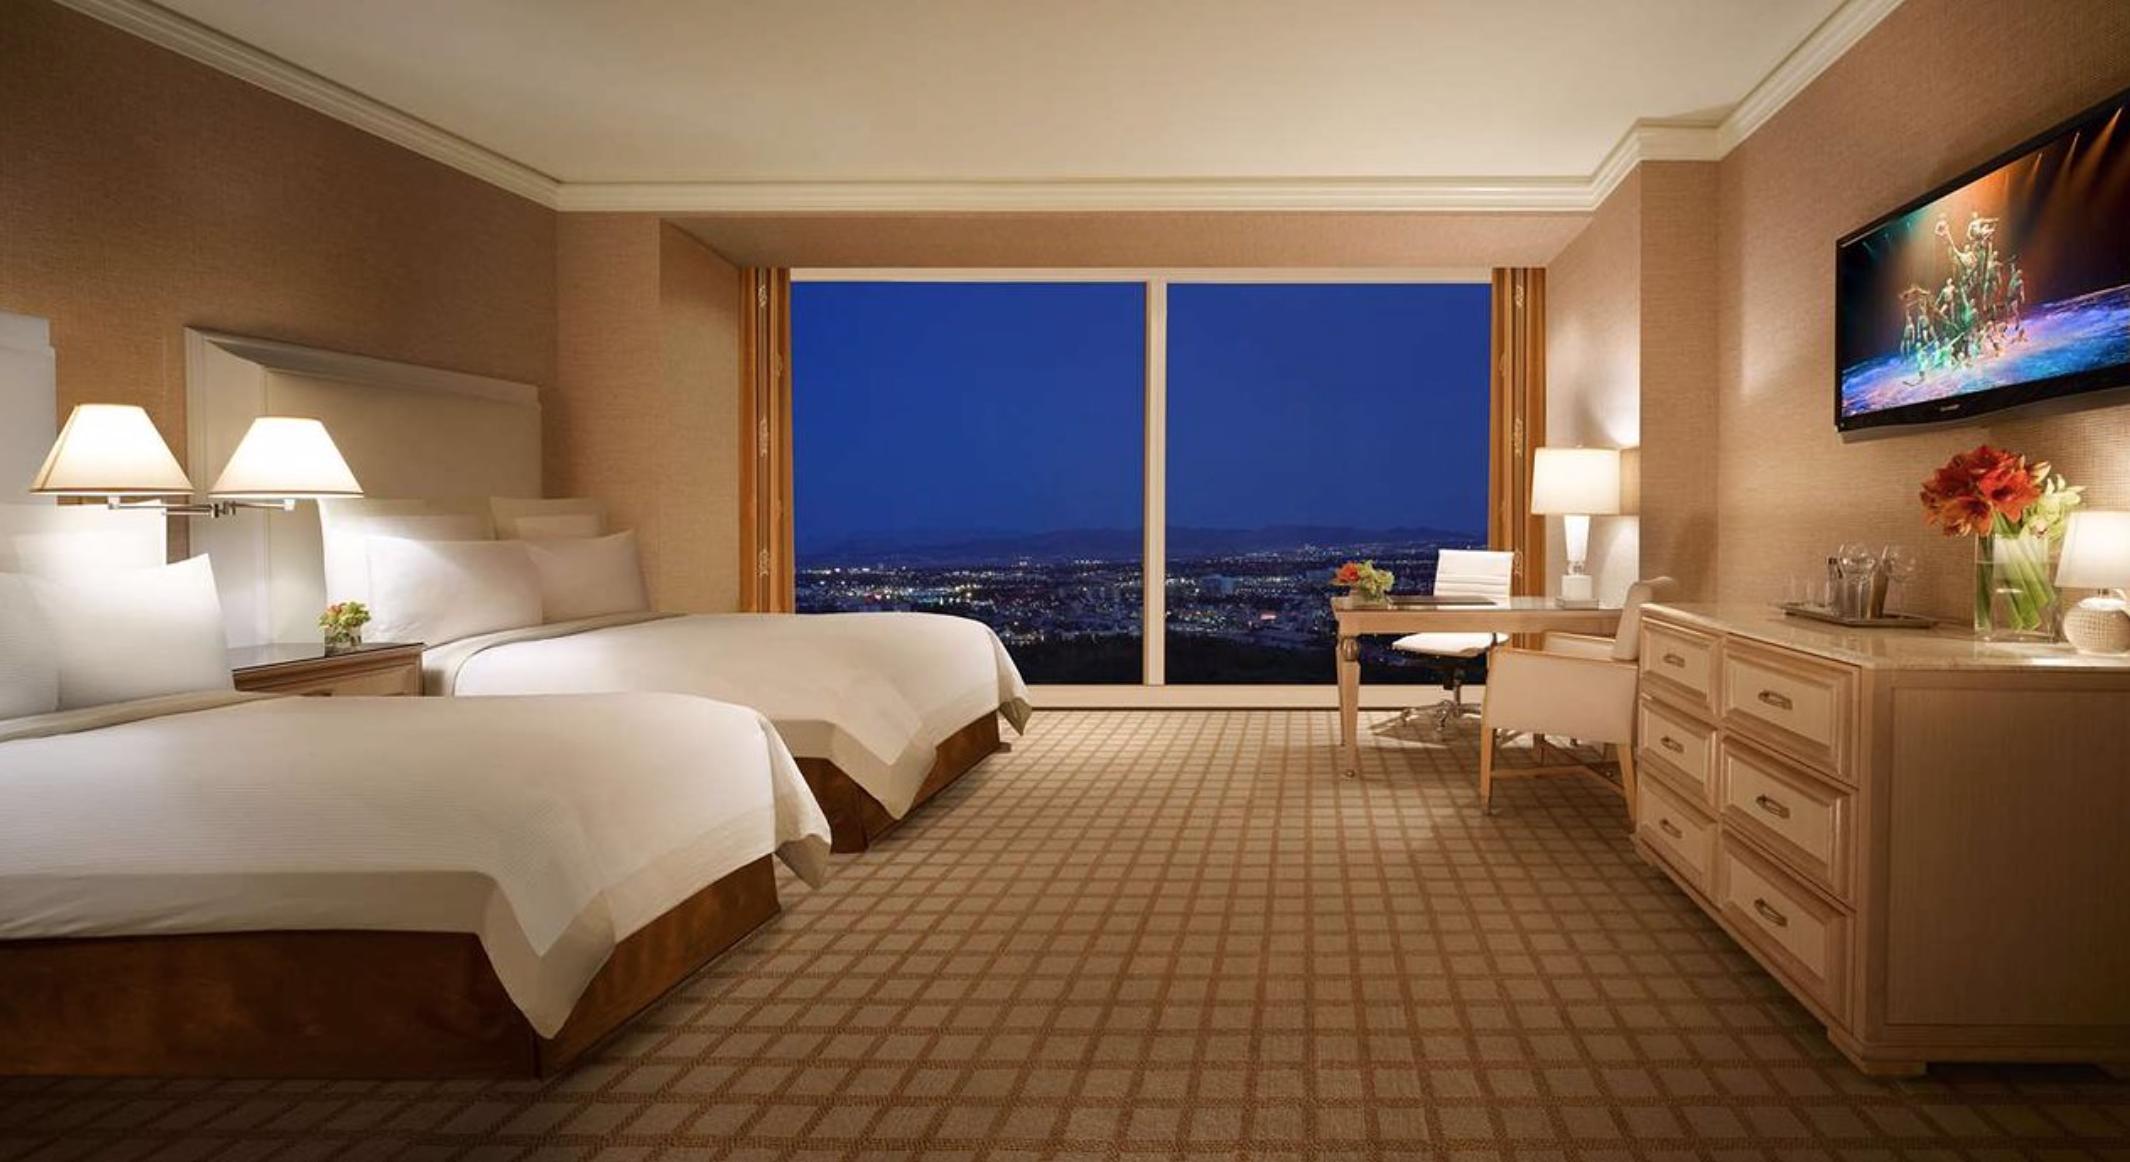 هوشمند سازی هتل